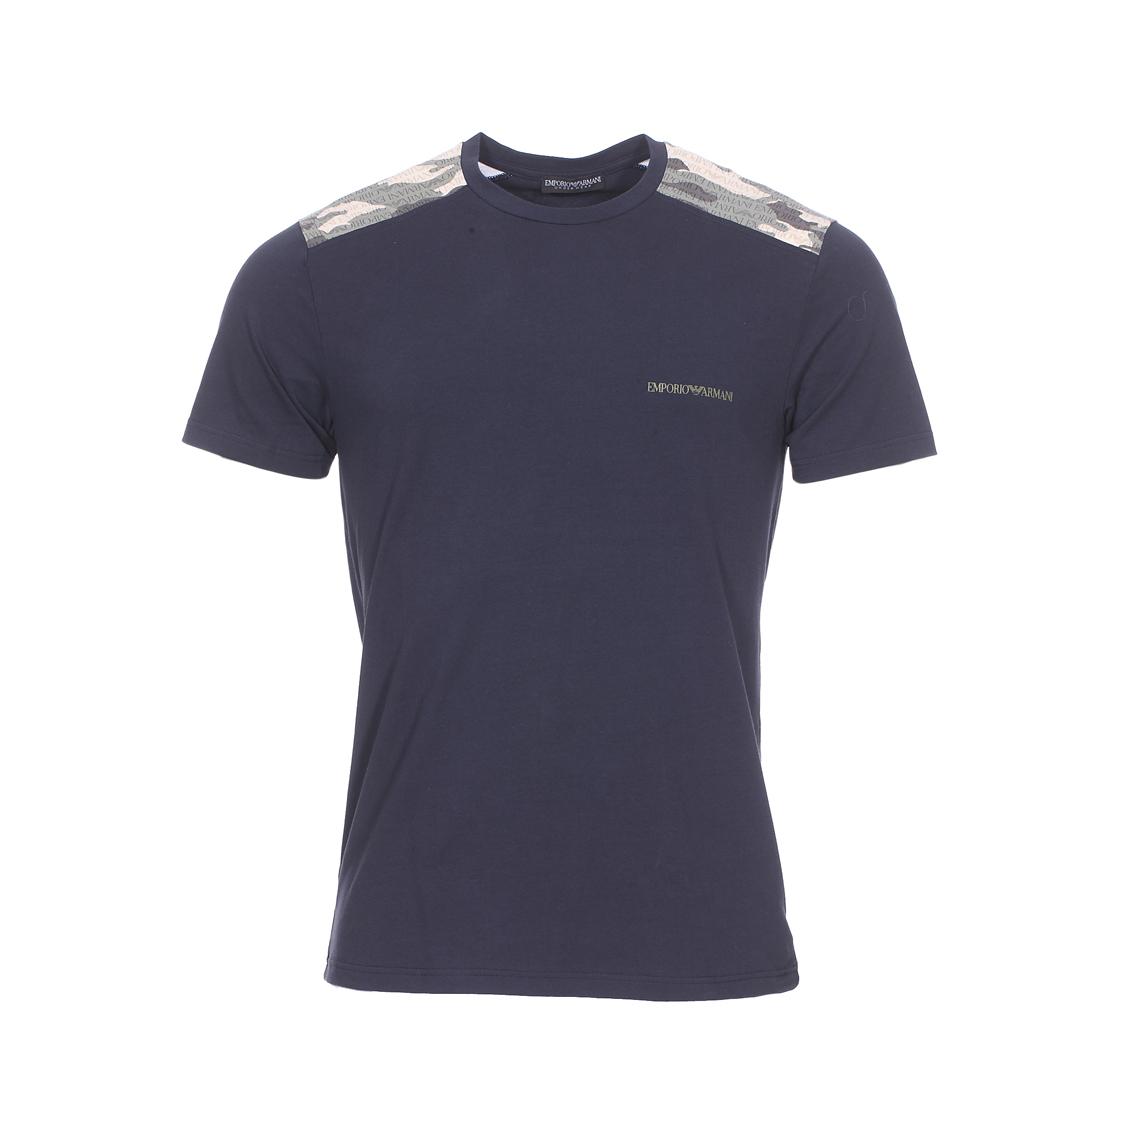 Tee-shirt col rond  en coton stretch bleu nuit à détails camouflage